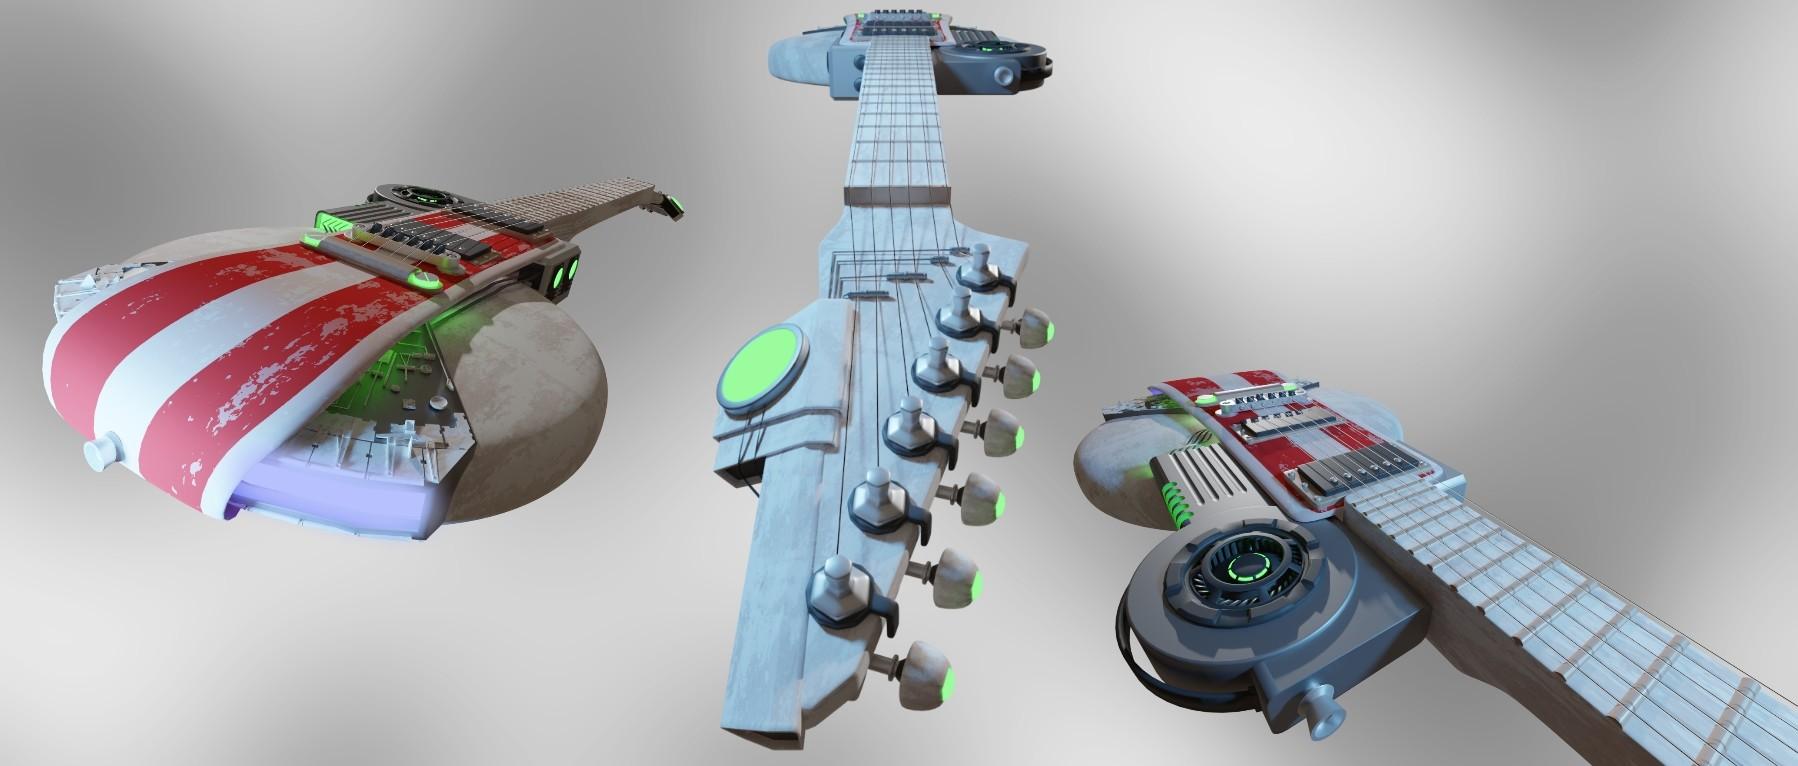 Christofer c jansson sw guitar no1